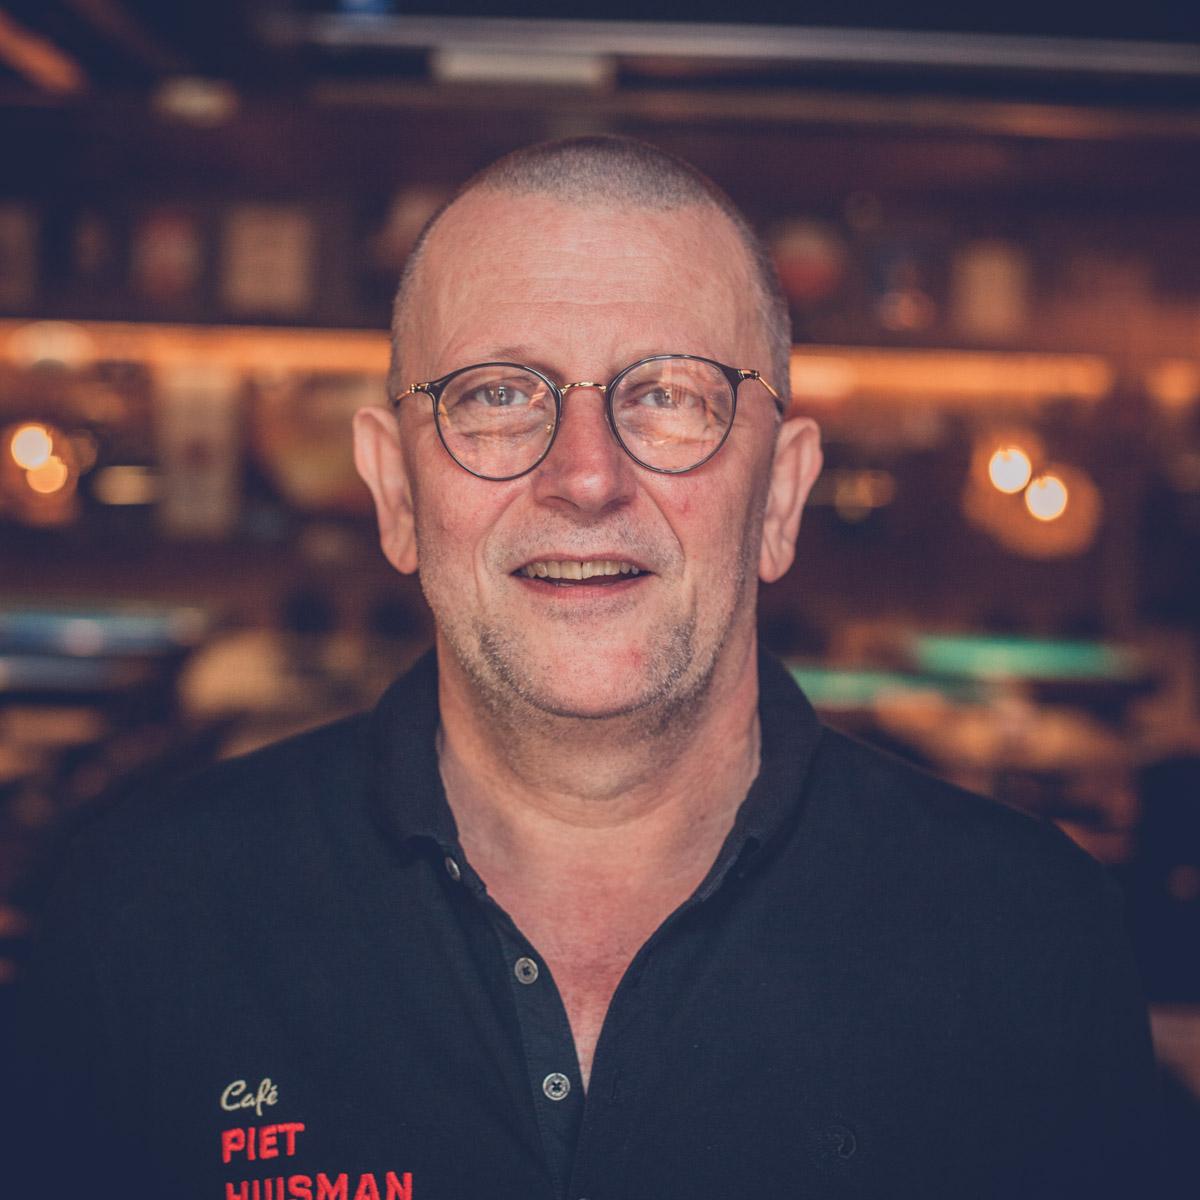 Café Piet Huisman Team Hans